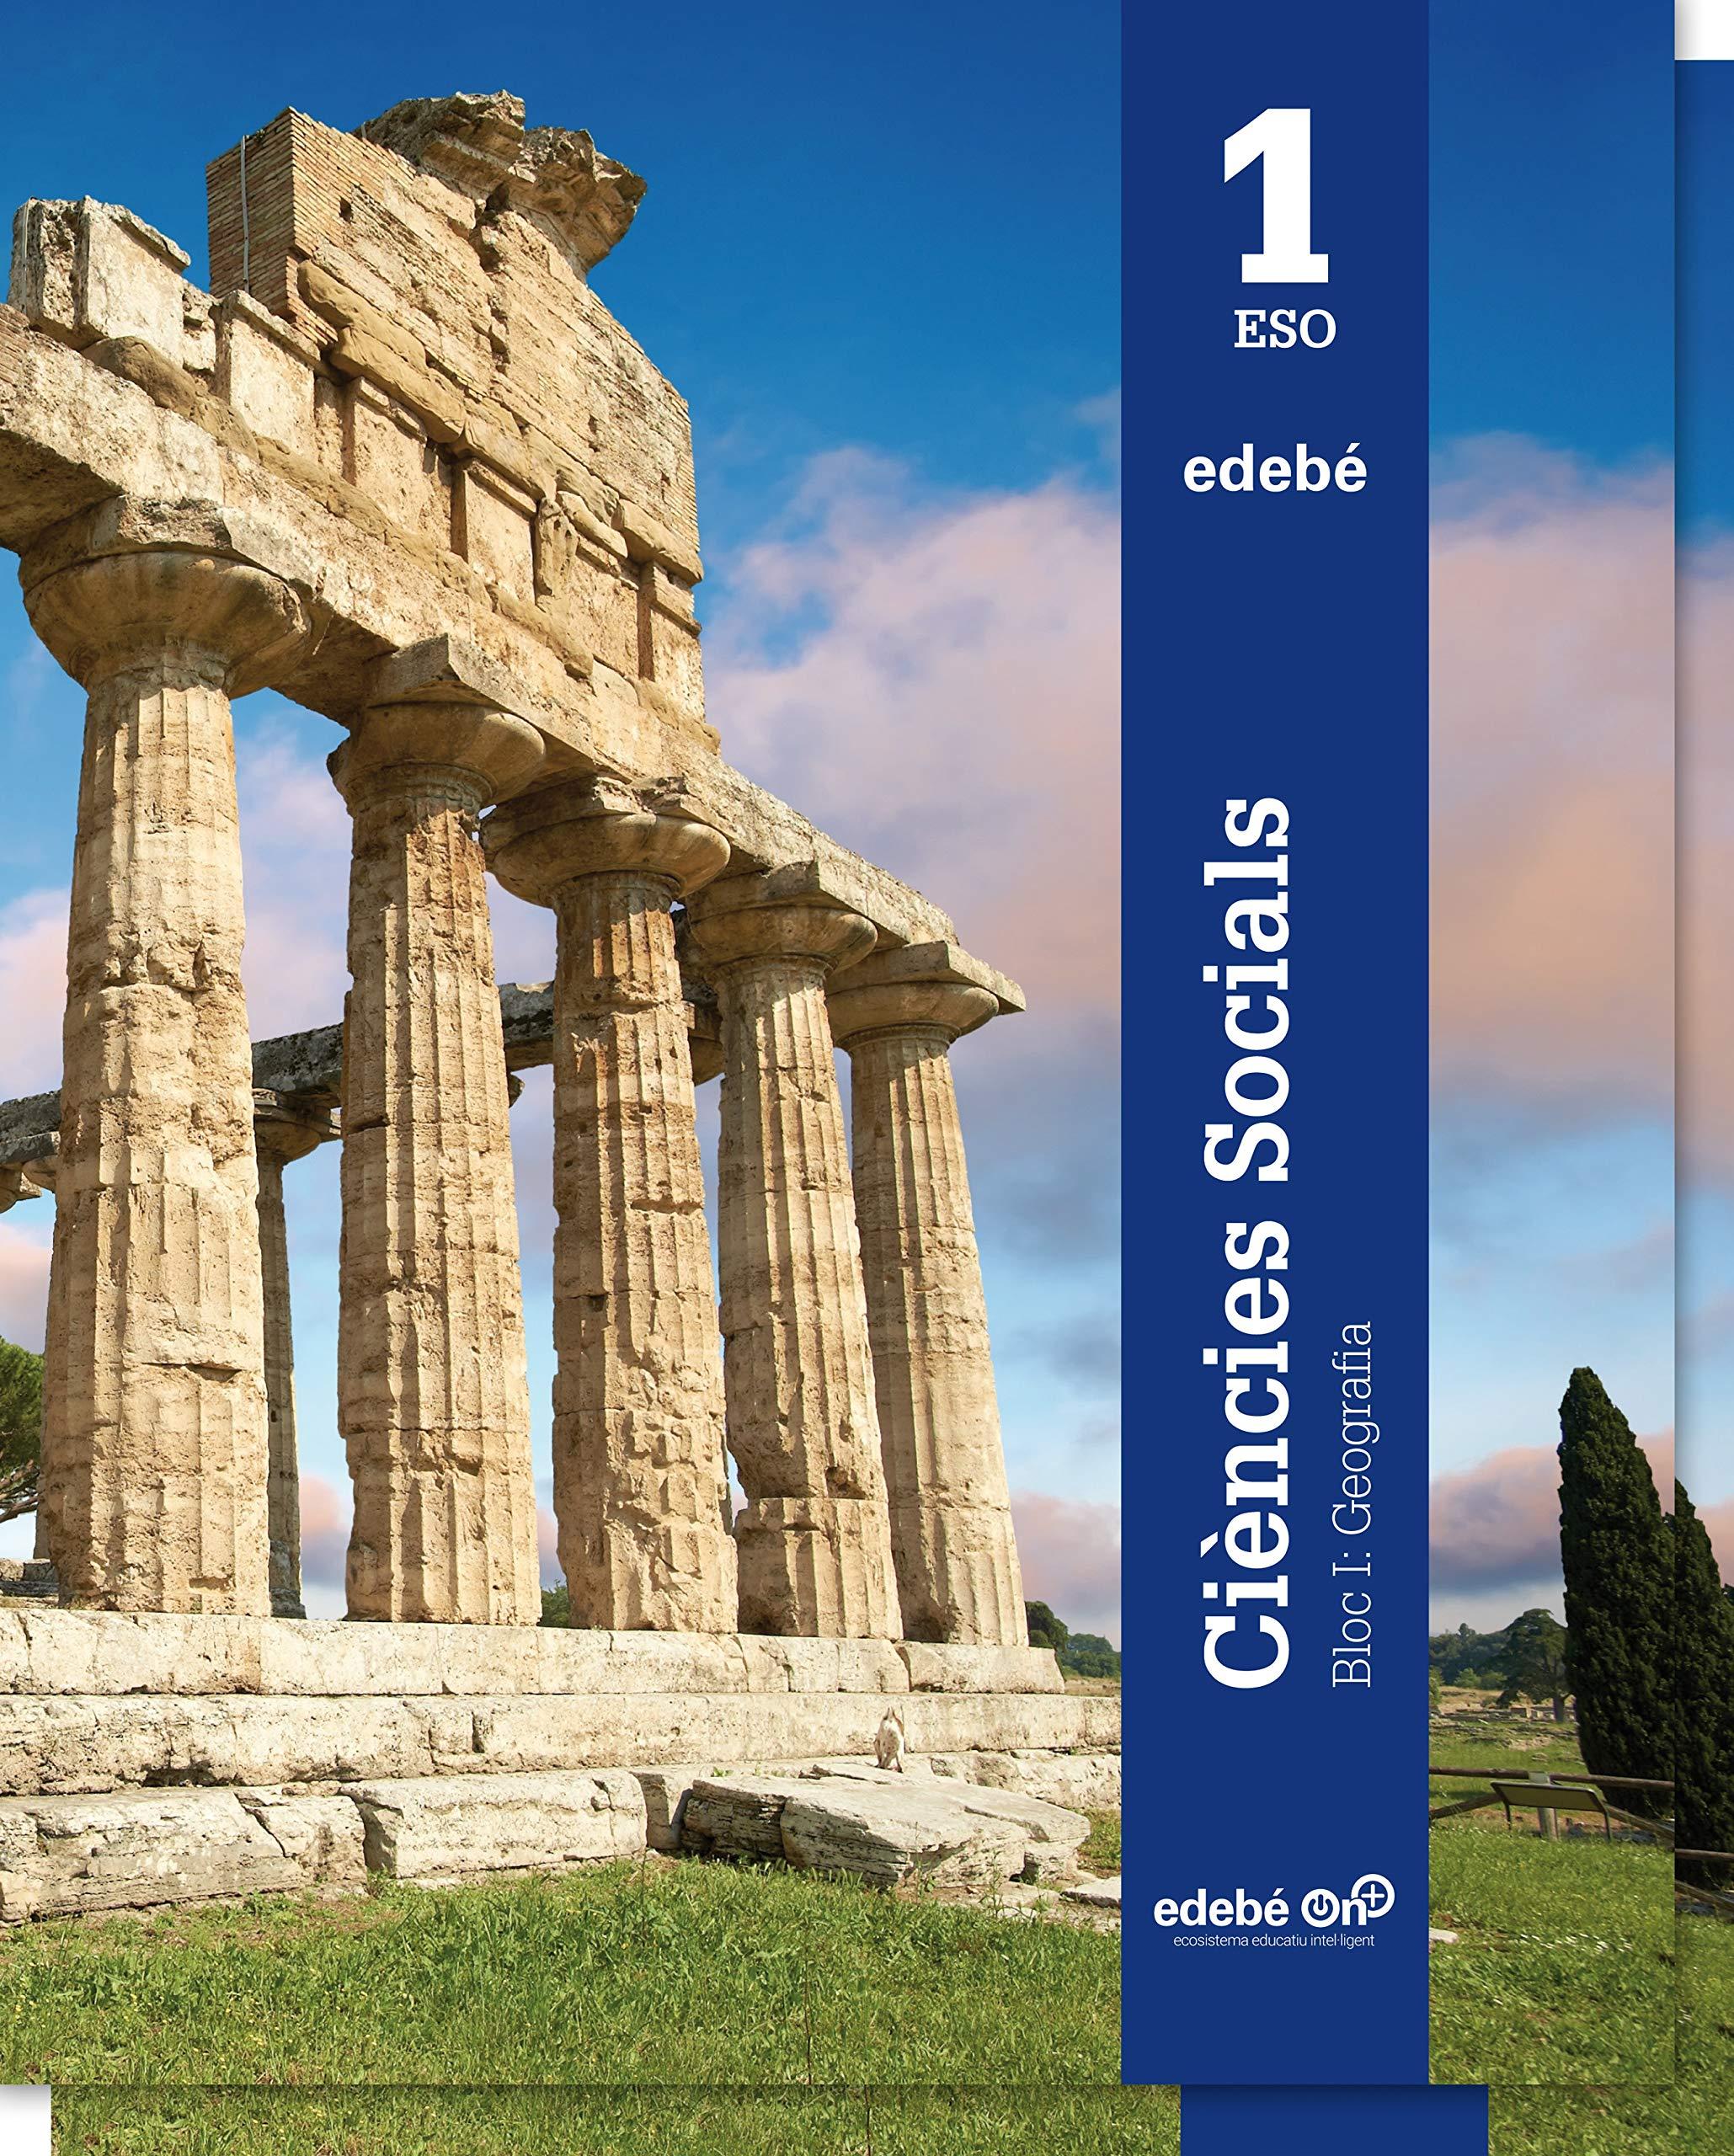 Ciències Socials, Geografia i Història 1. Bloc I + II - 9788468320915: Amazon.es: Edebé, Obra Colectiva: Libros